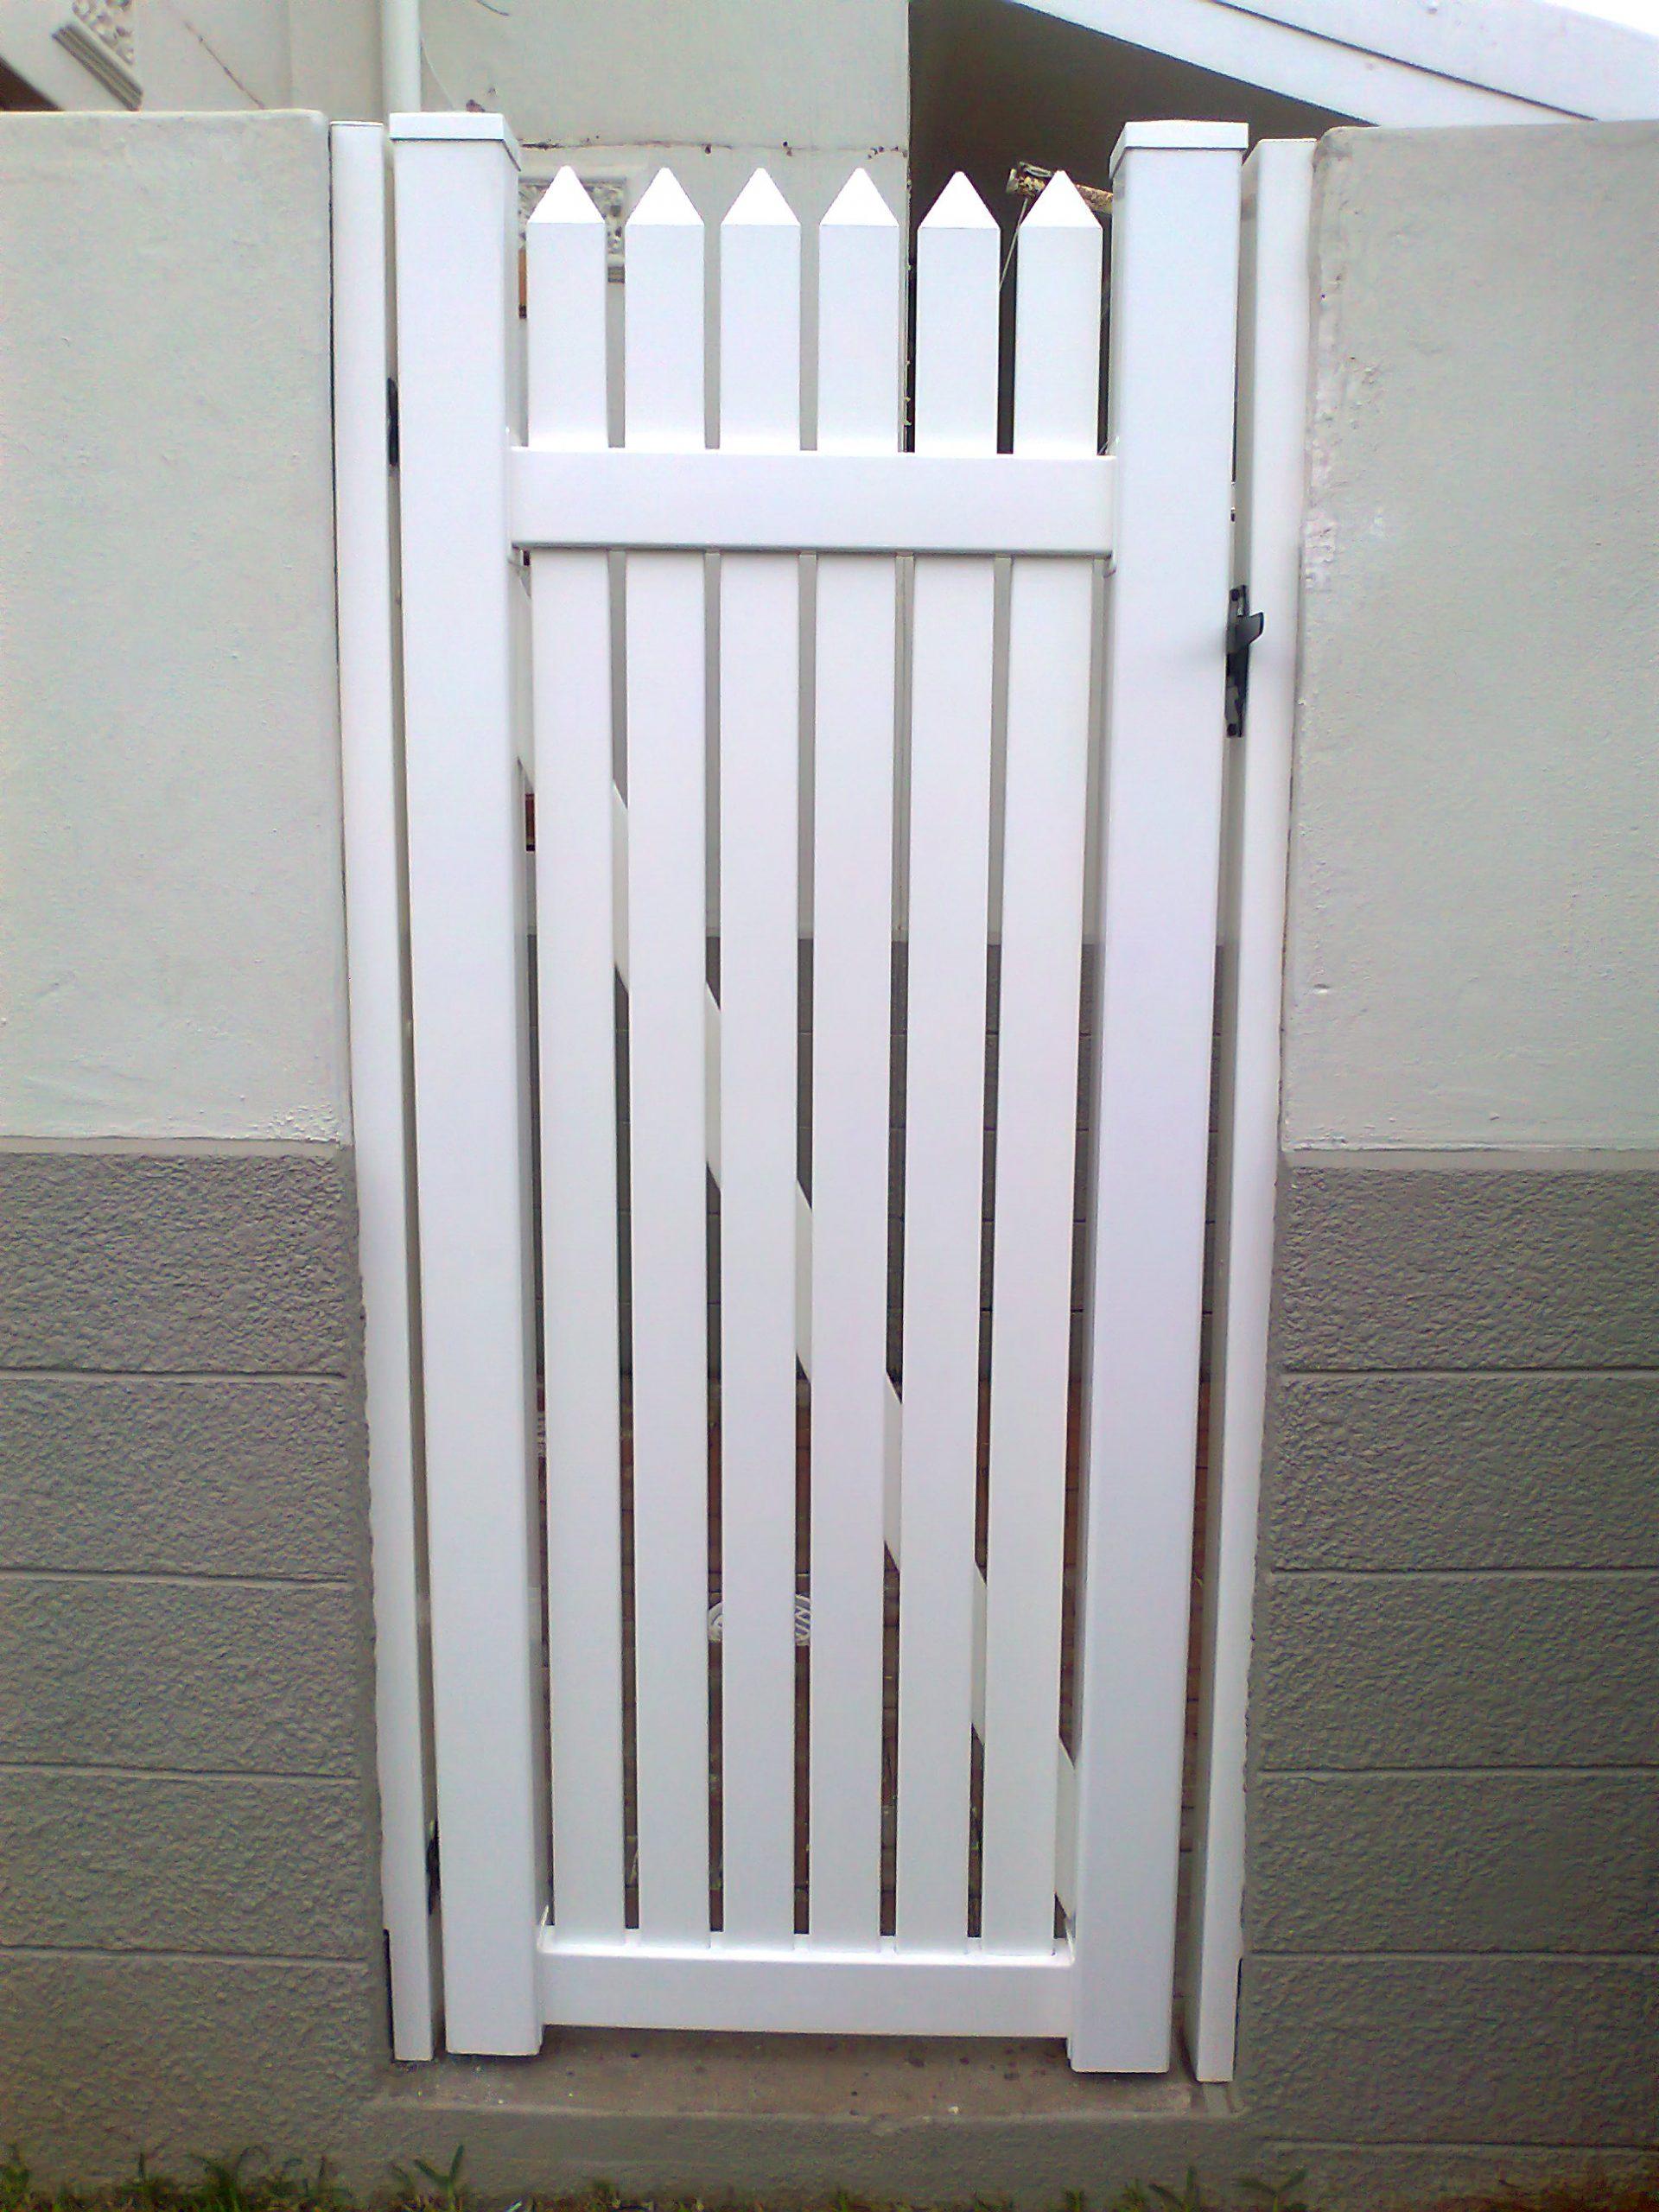 3Slatted door